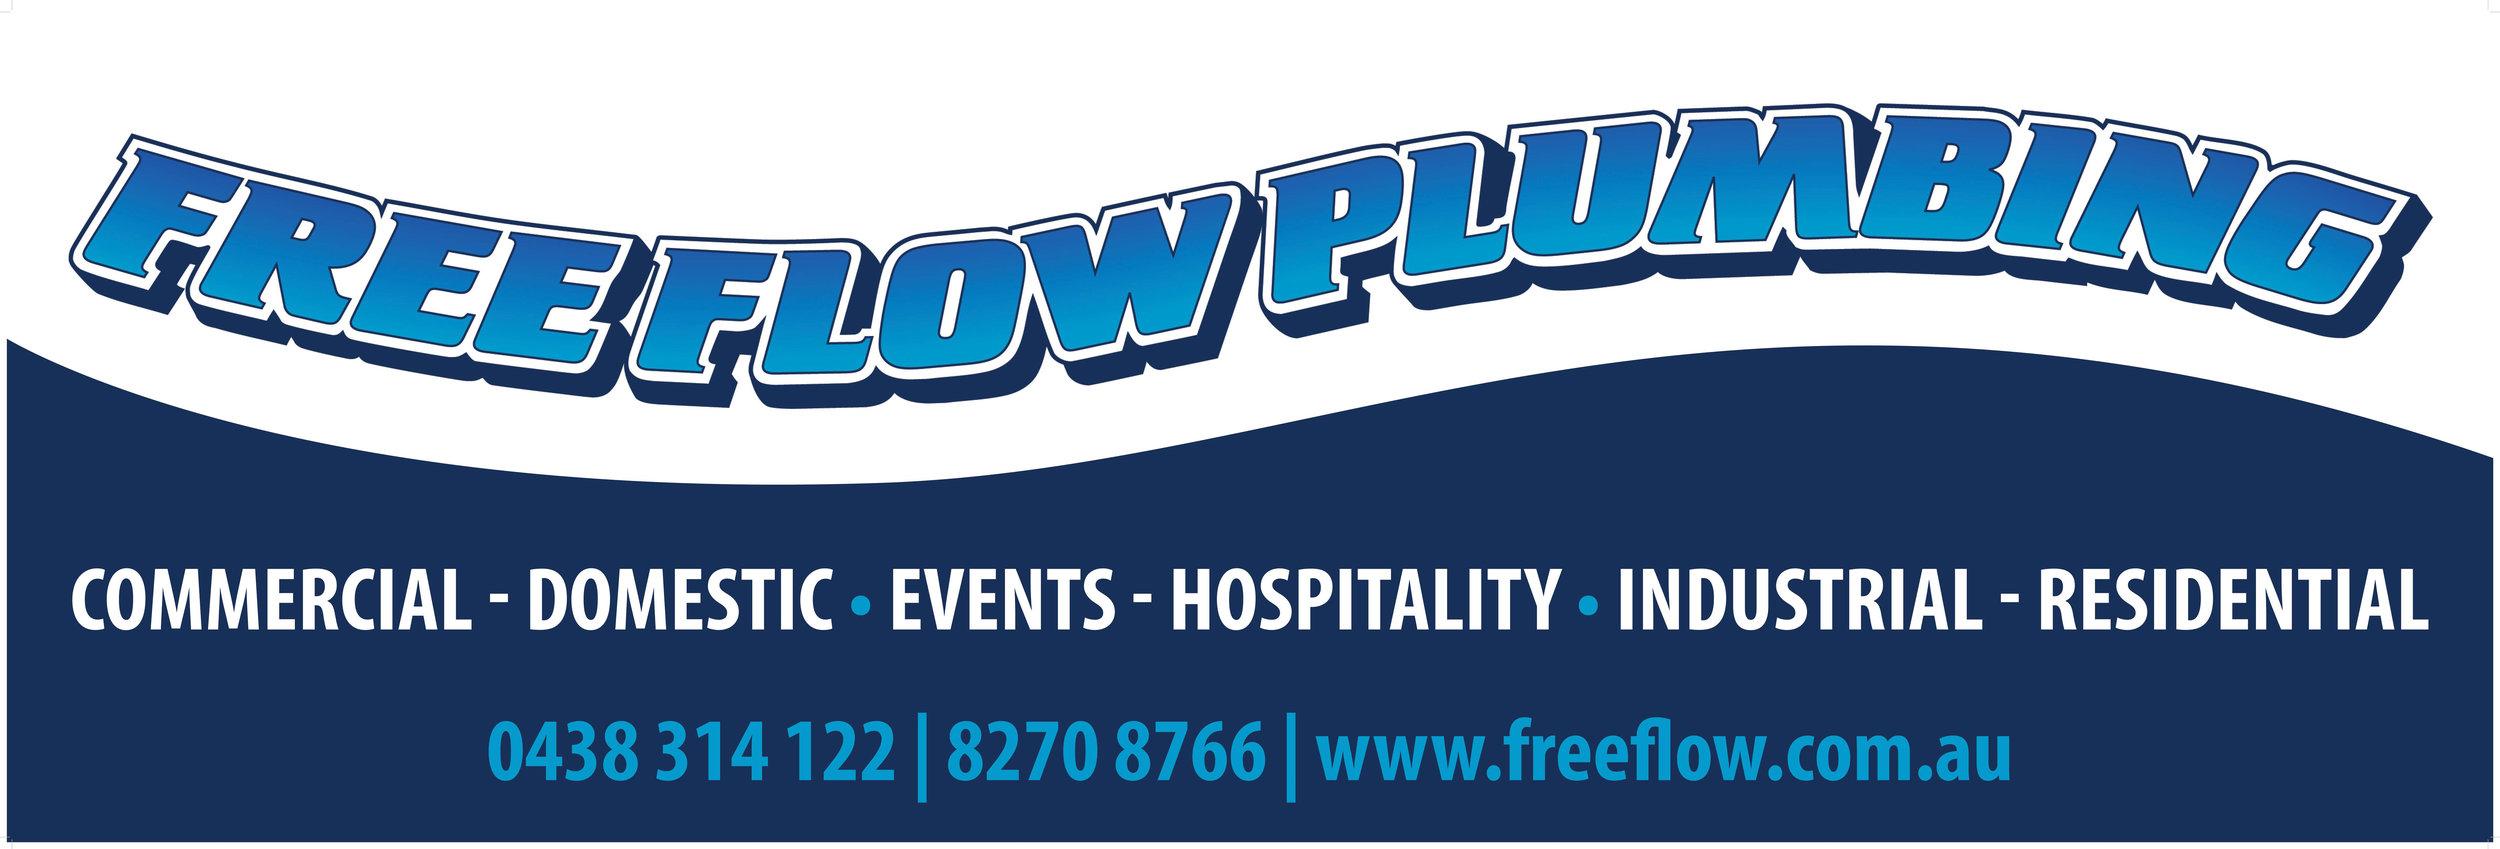 44258 Free Flow Plumbing PROOF.jpg